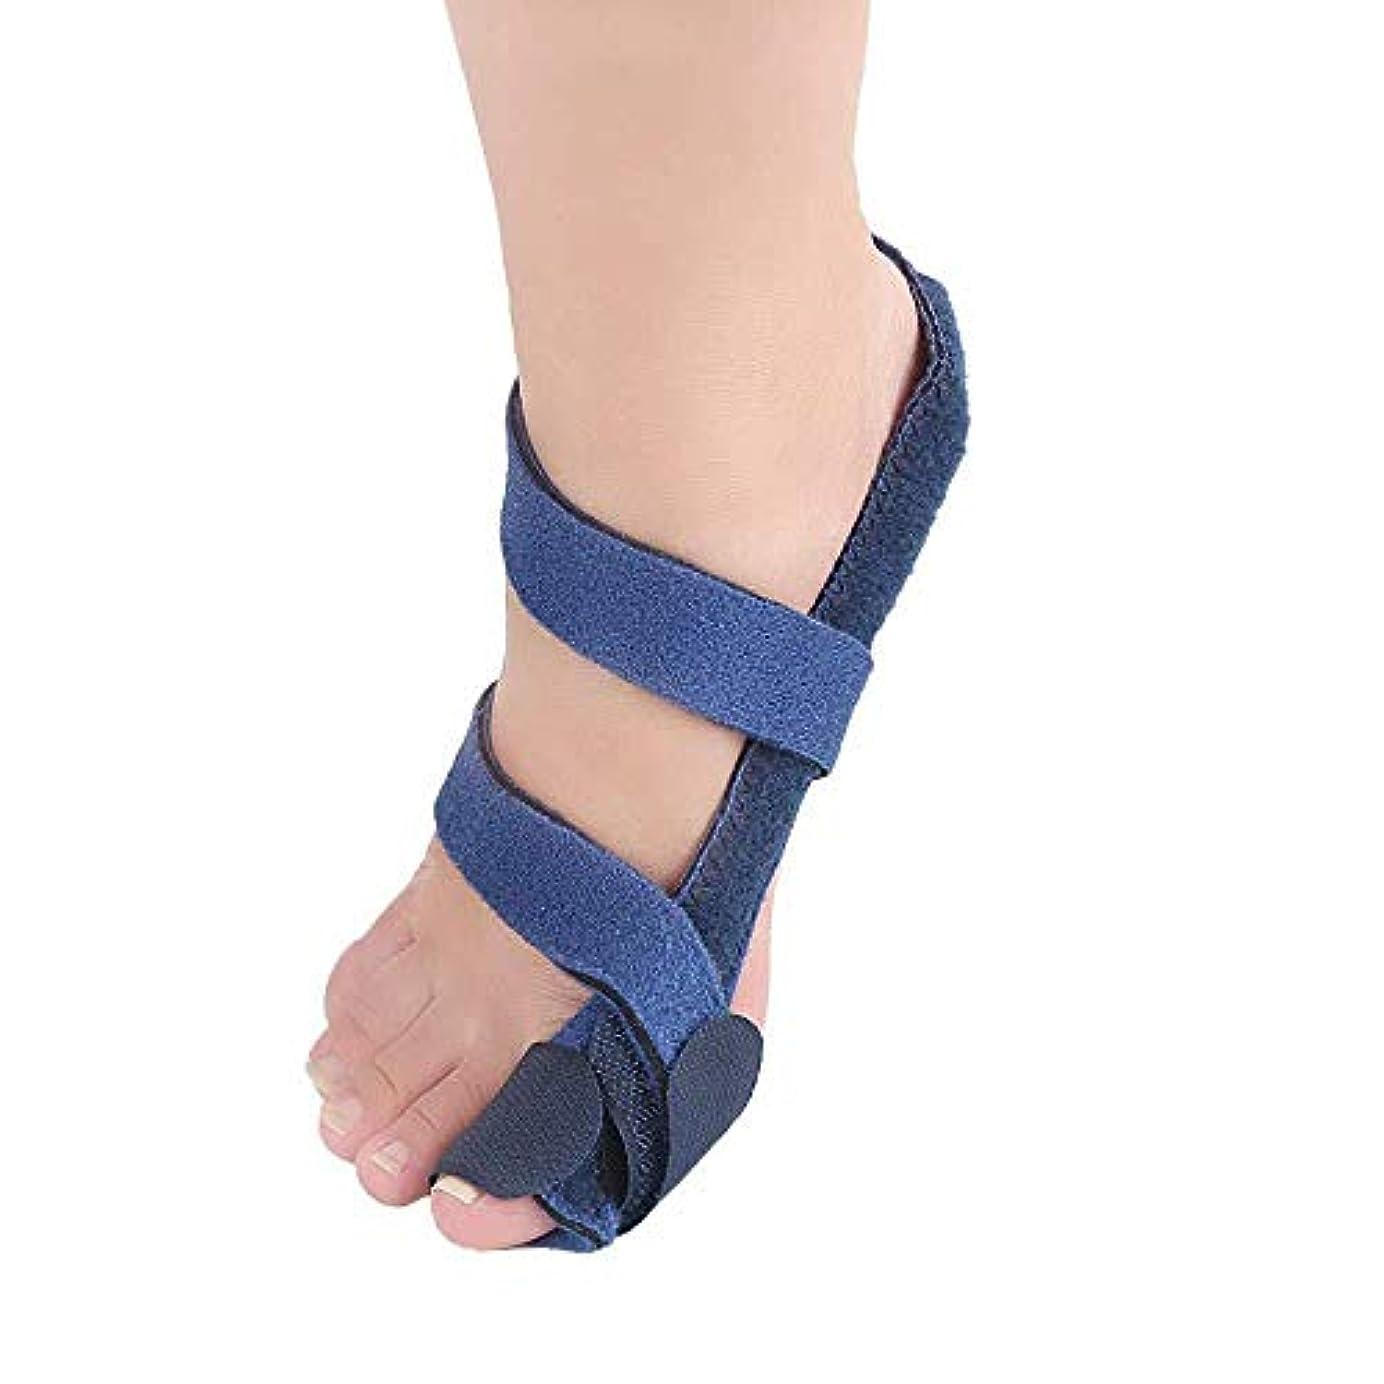 放出融合選択する外反母Hall装具、オーバーラップハンマーヘッドサポート装具アーチサポートジェルフラット足の痛みの男性と女性,Left Foot